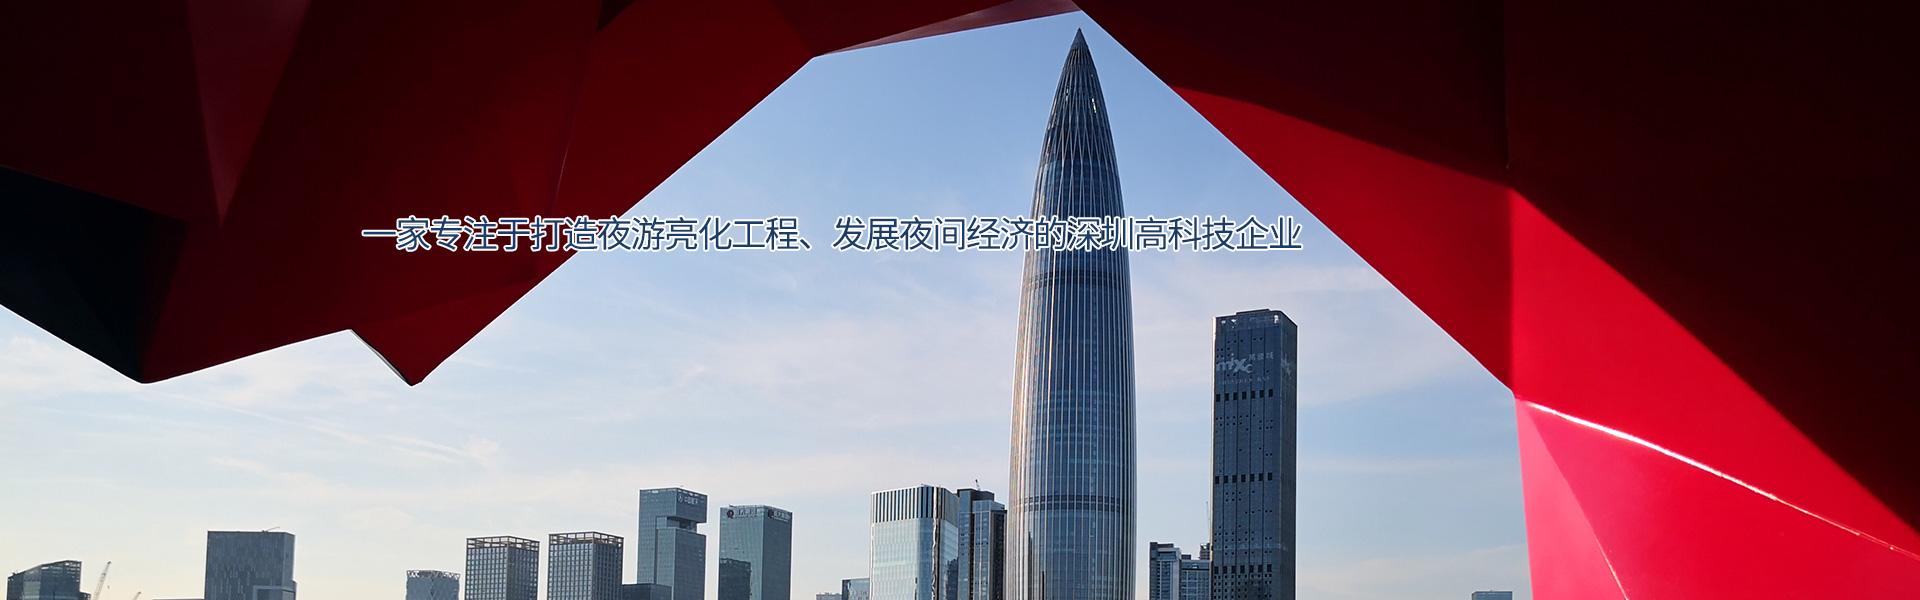 思迪恩--一家专注于打造夜游亮化工程,发展夜间经济的深圳高科技企业